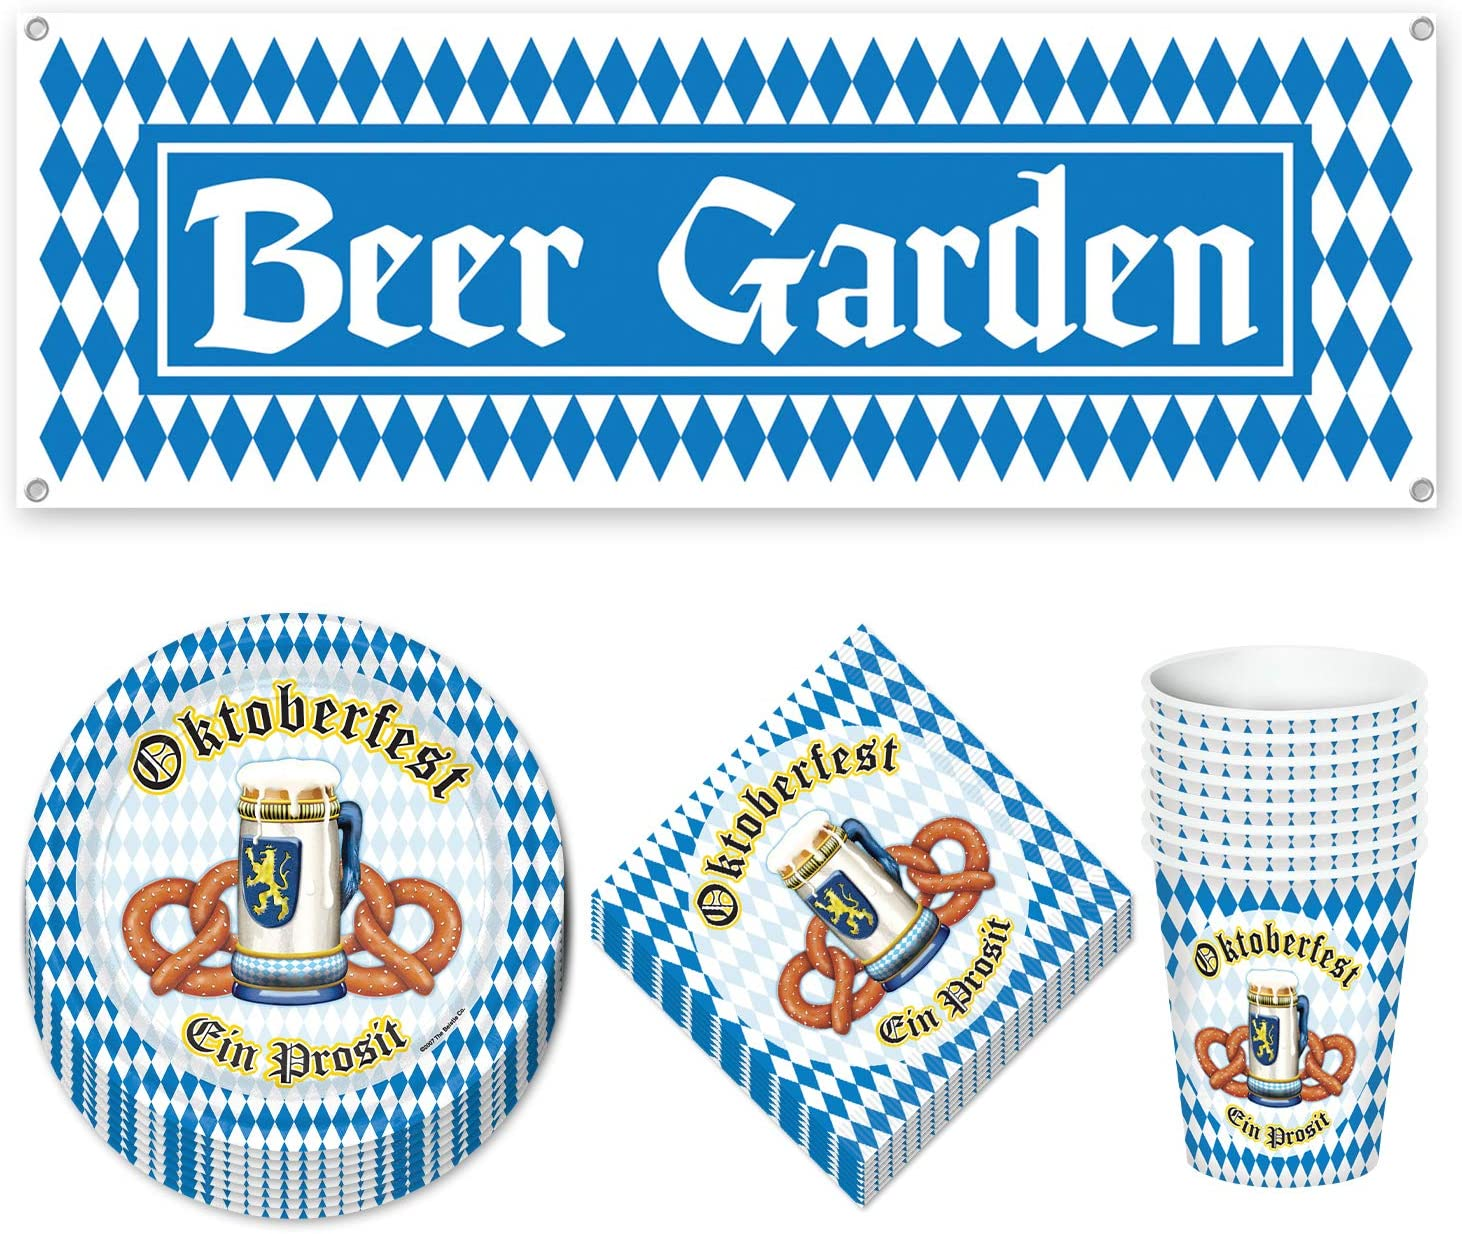 Oktoberfest Party Pack - Pretzel Plates, Napkins, Beverage Cups with Beer Garden Sign Banner (Serves 8)